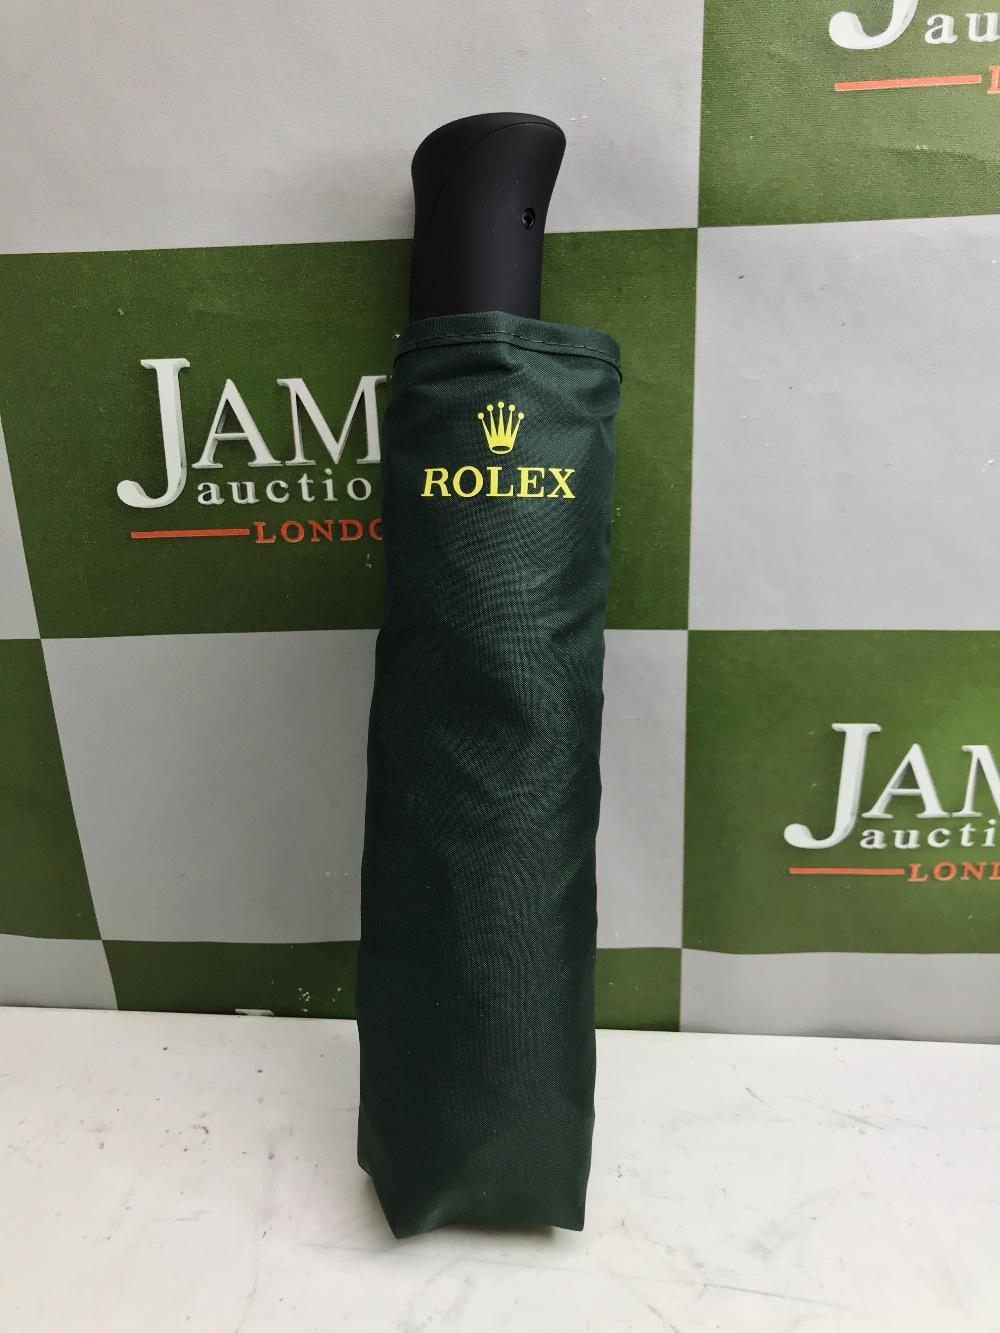 Lot 24 - Rolex Official Merchandise Umbrella, New Example.